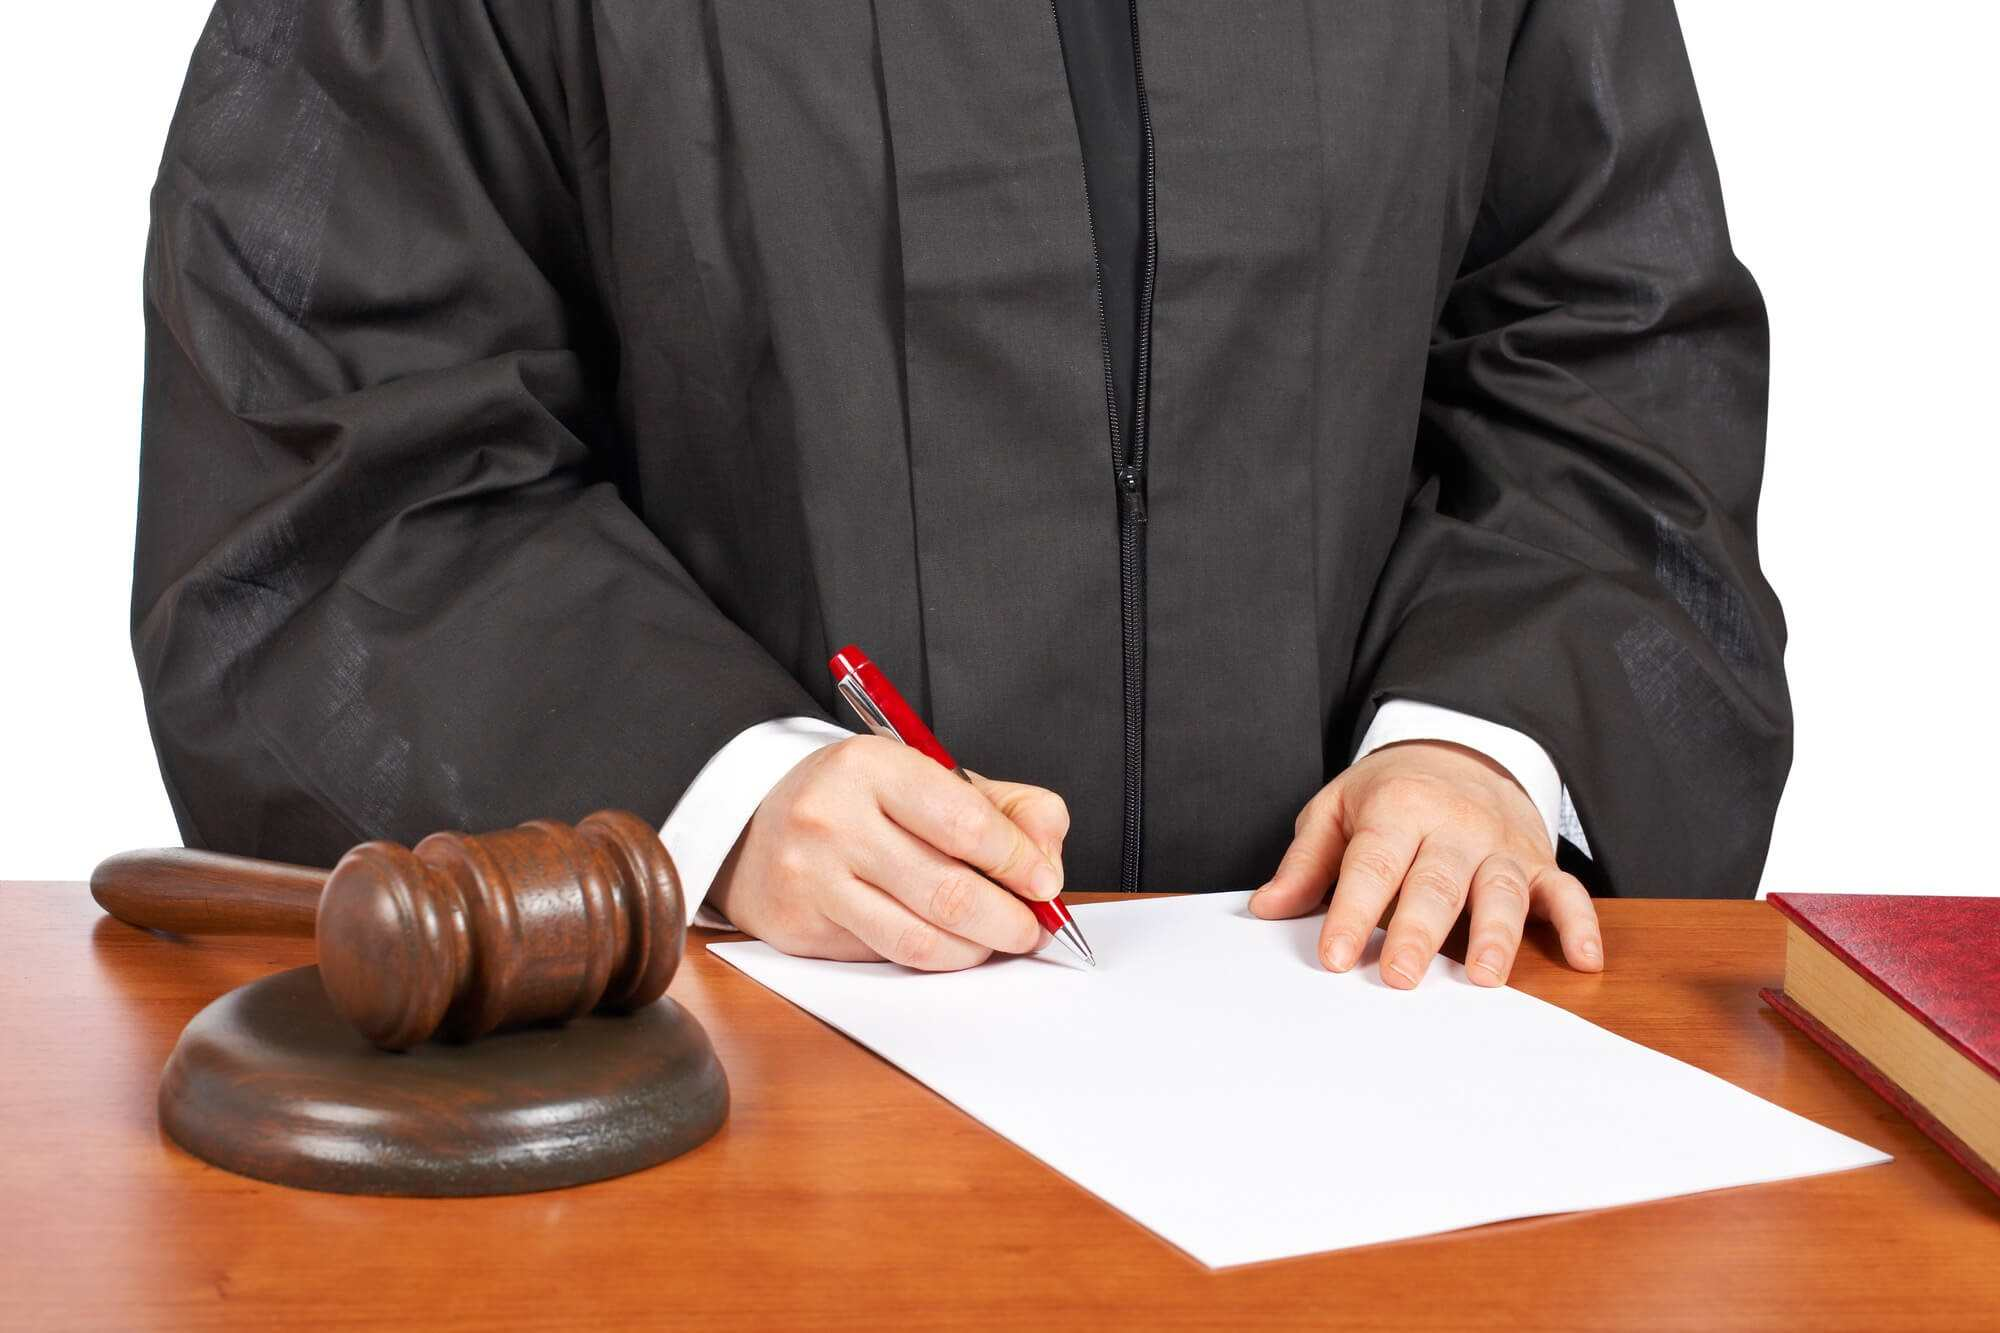 Куда подавать судебный приказ о взыскании алиментов